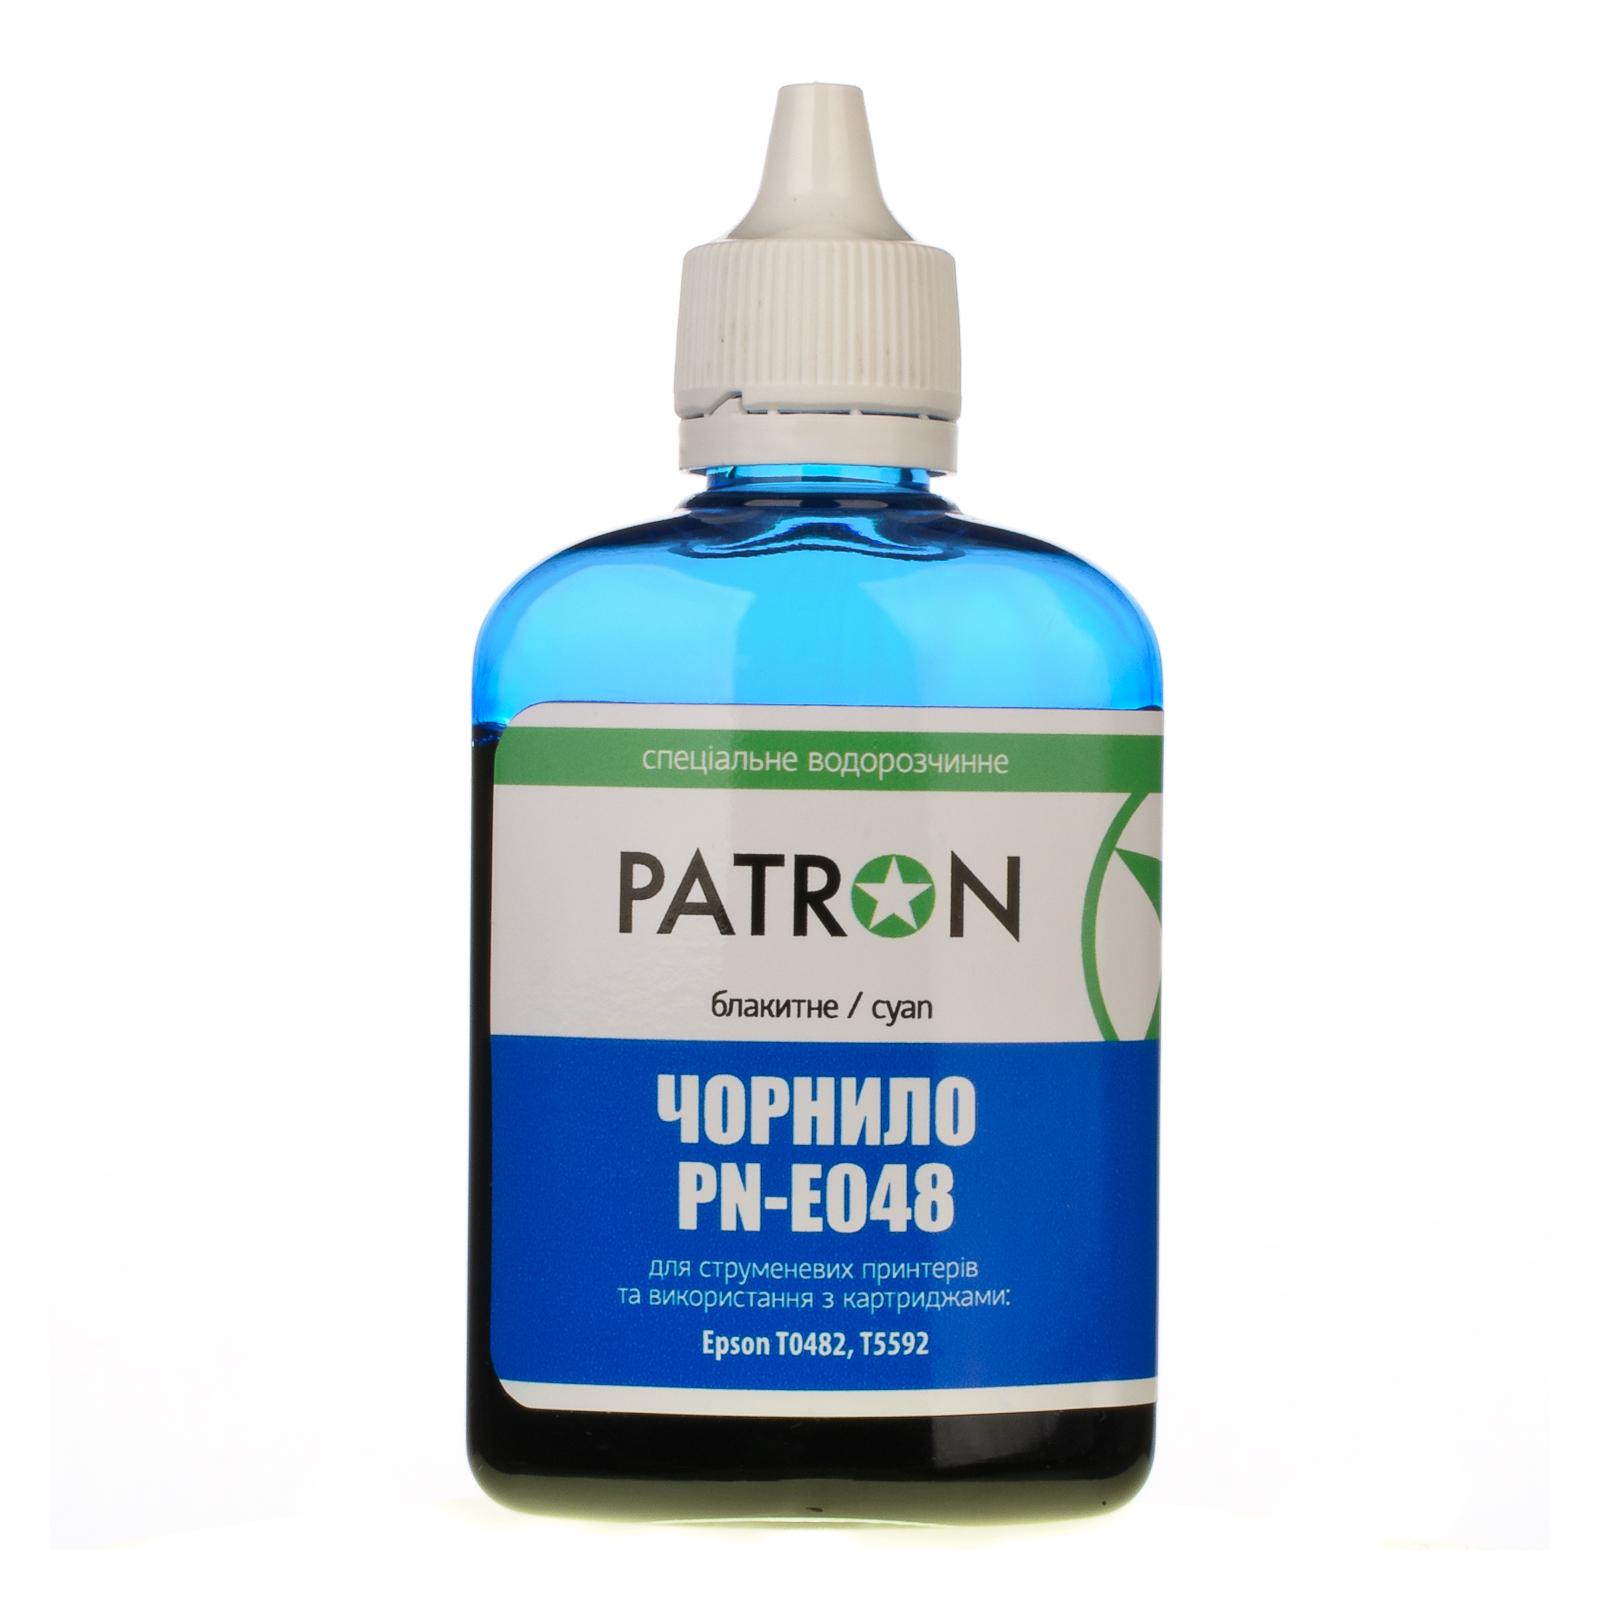 Чернила PATRON EPSON R220/90г CYAN/T0482/PN-E048-303 (I-PN-ET0482-090-C) изображение 2